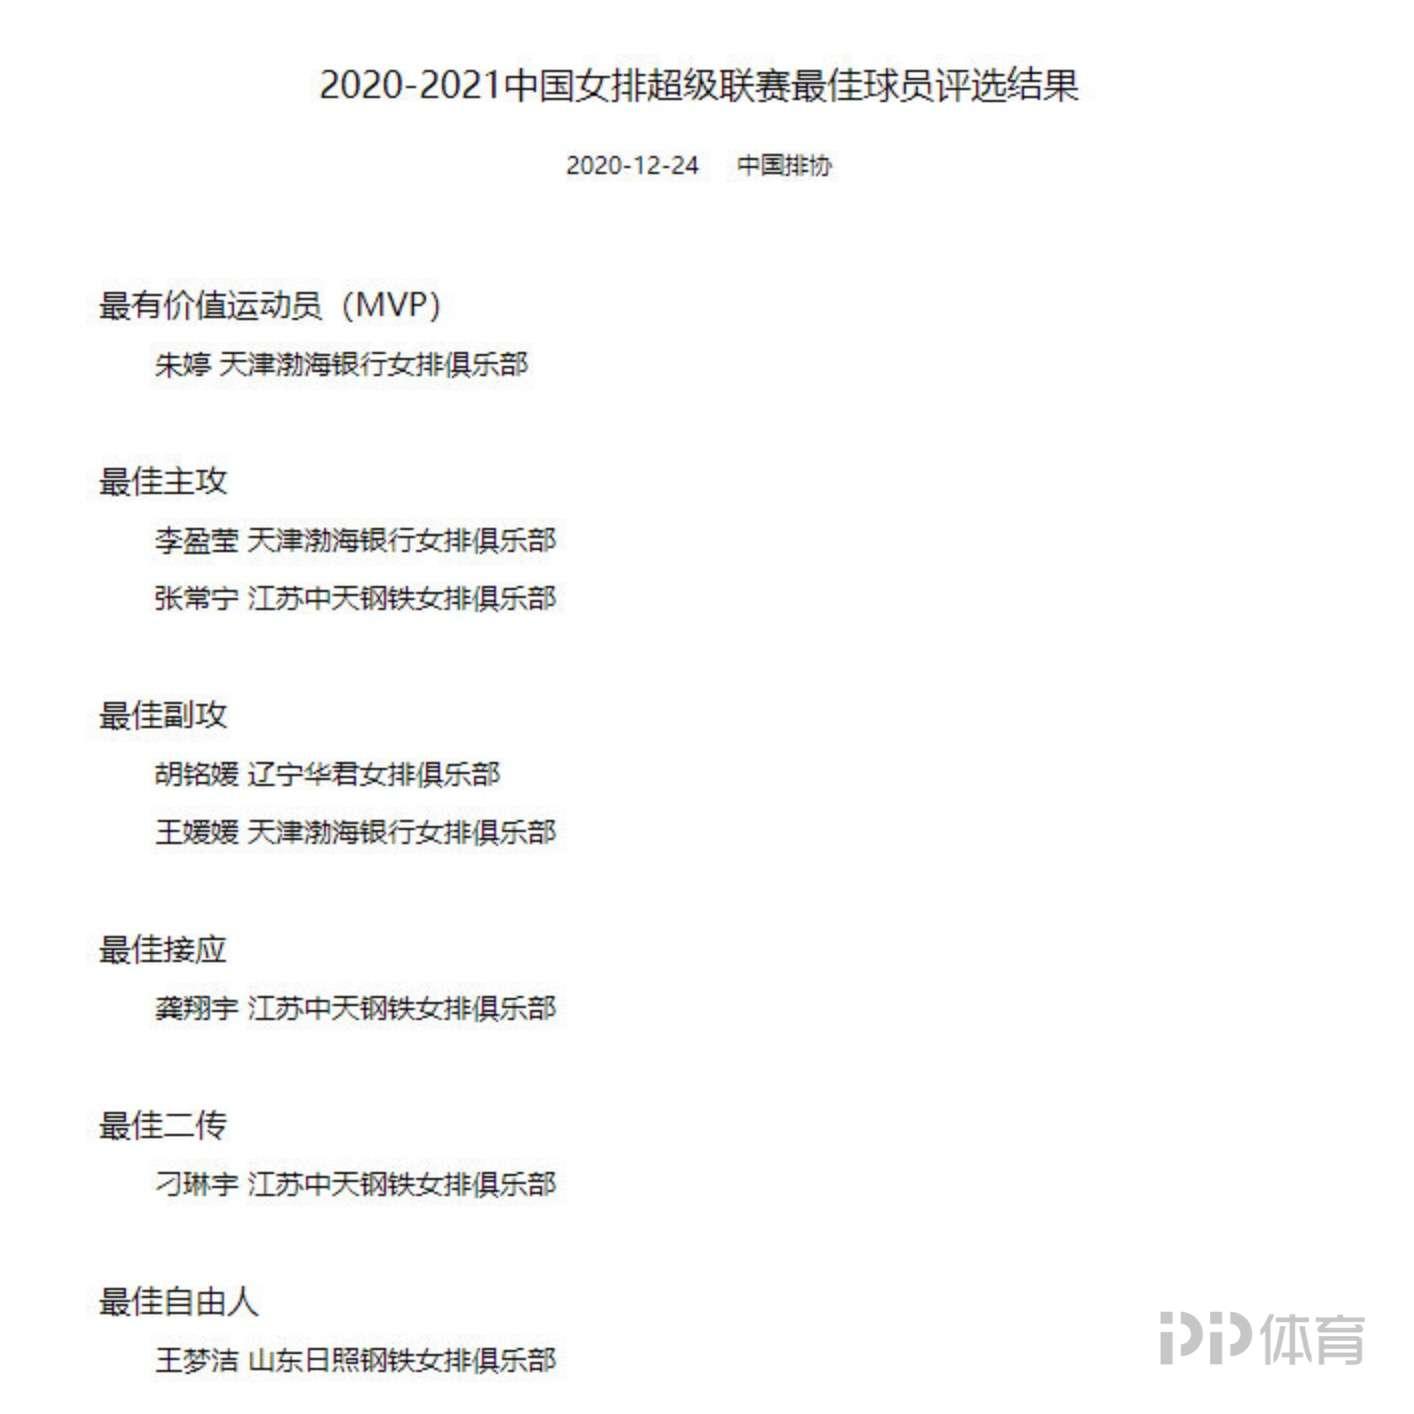 女排联赛最佳阵容出炉:朱婷获MVP 江苏女排三人当选